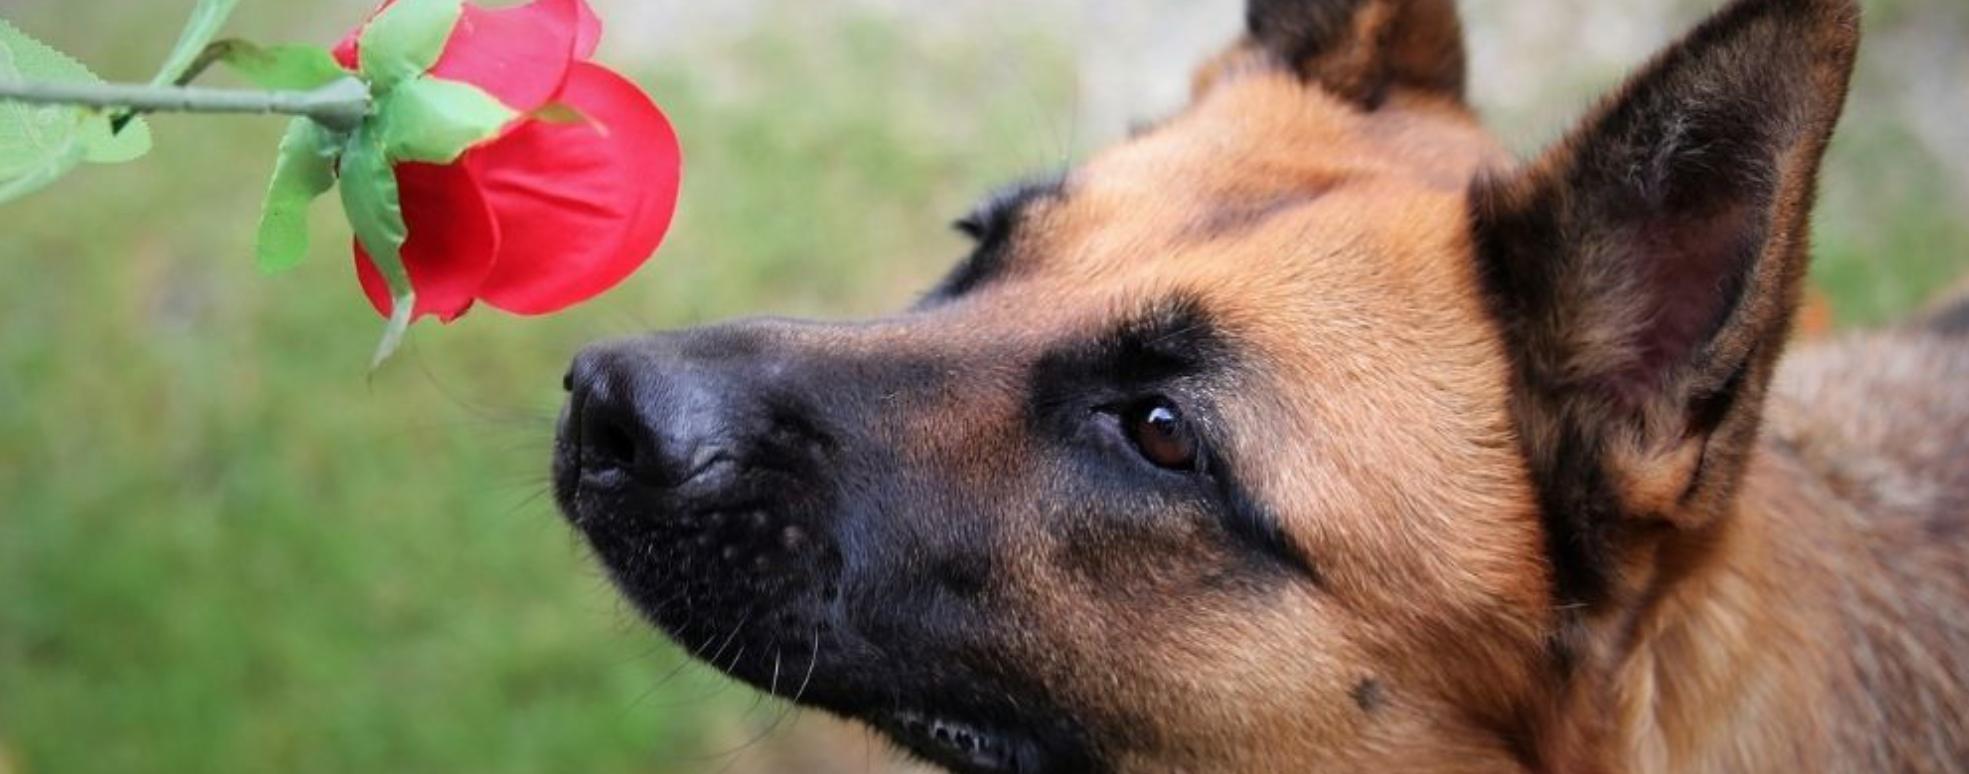 Il senso dell'olfatto nei cani